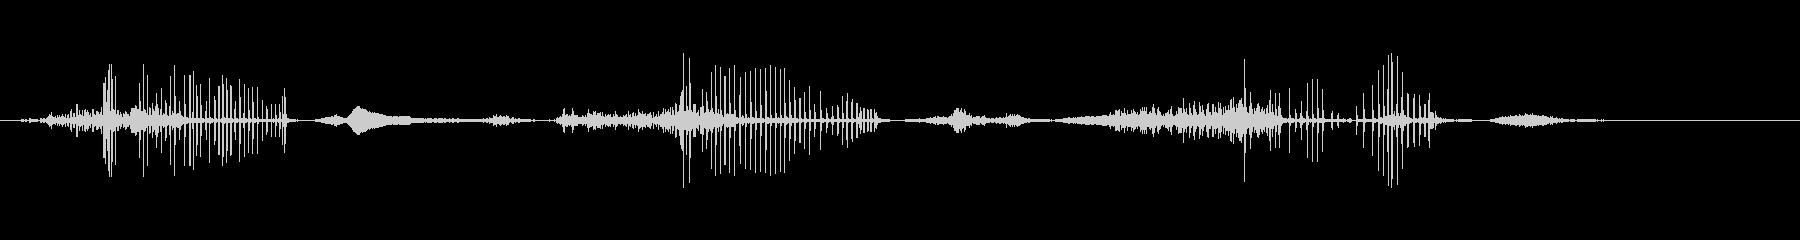 静かにいびきをかくおかしい人-1の未再生の波形